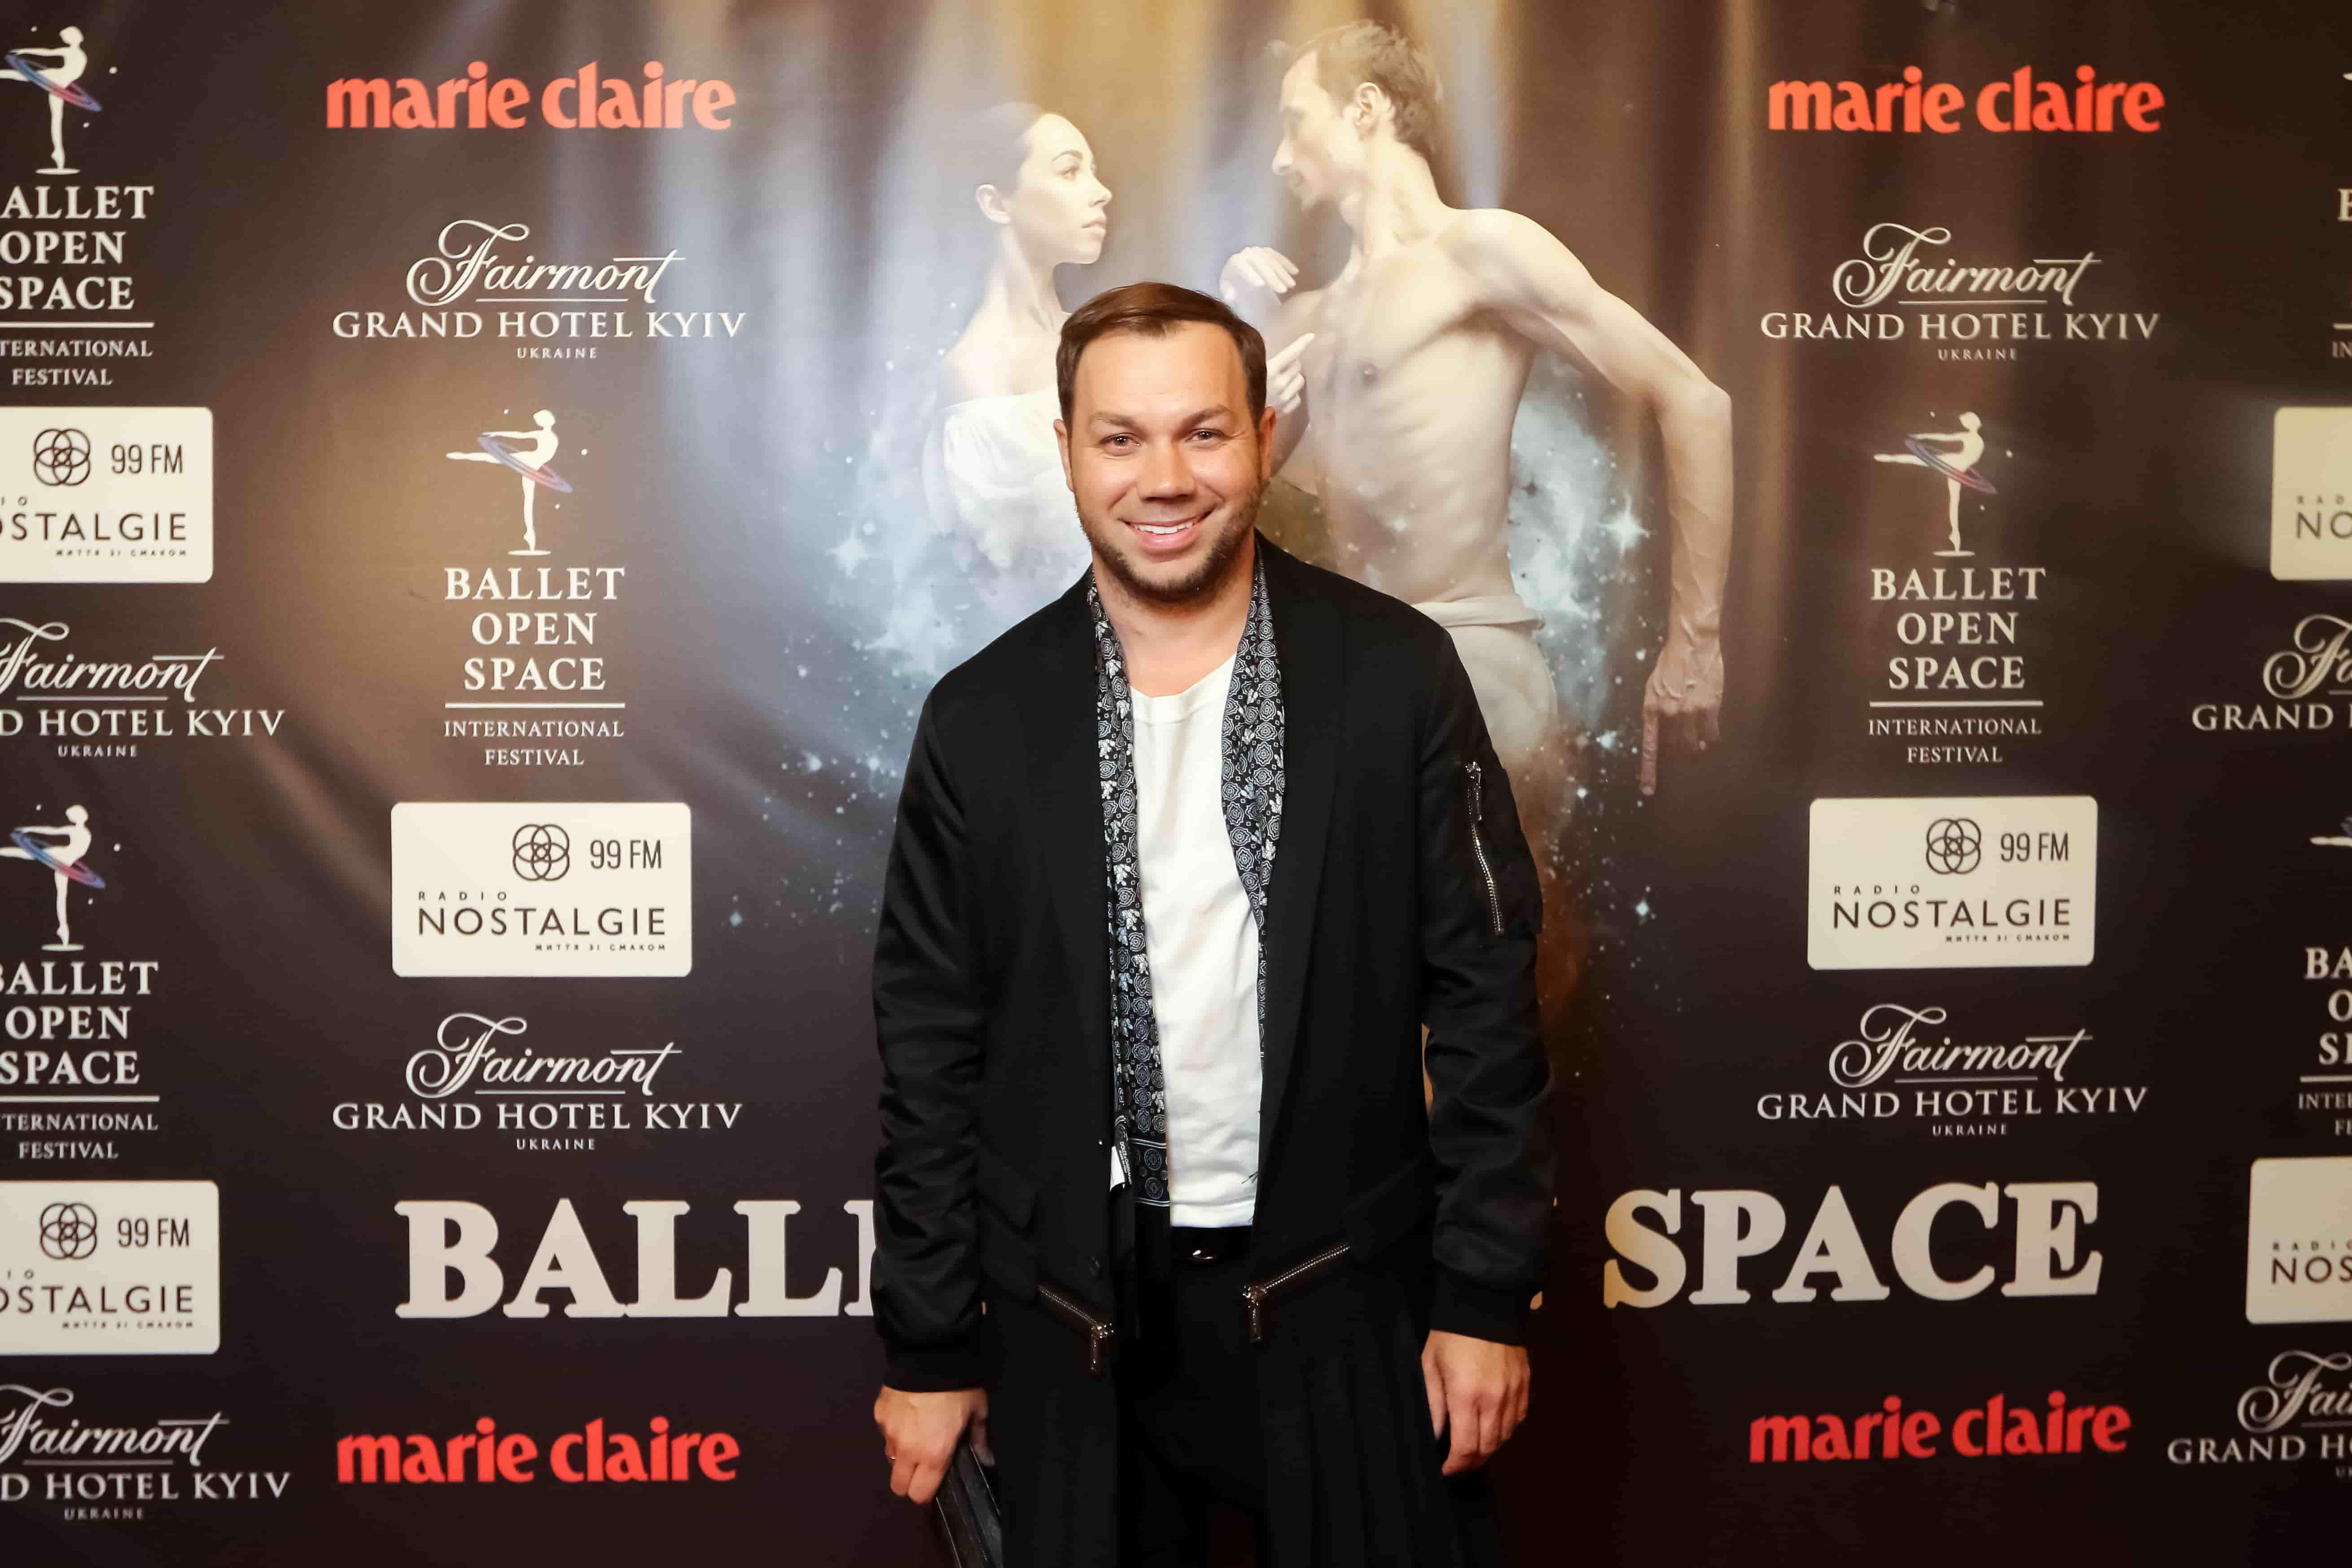 Кто из звезд пришел на первый международный фестиваль «BALLET OPEN SPACE»-Фото 2